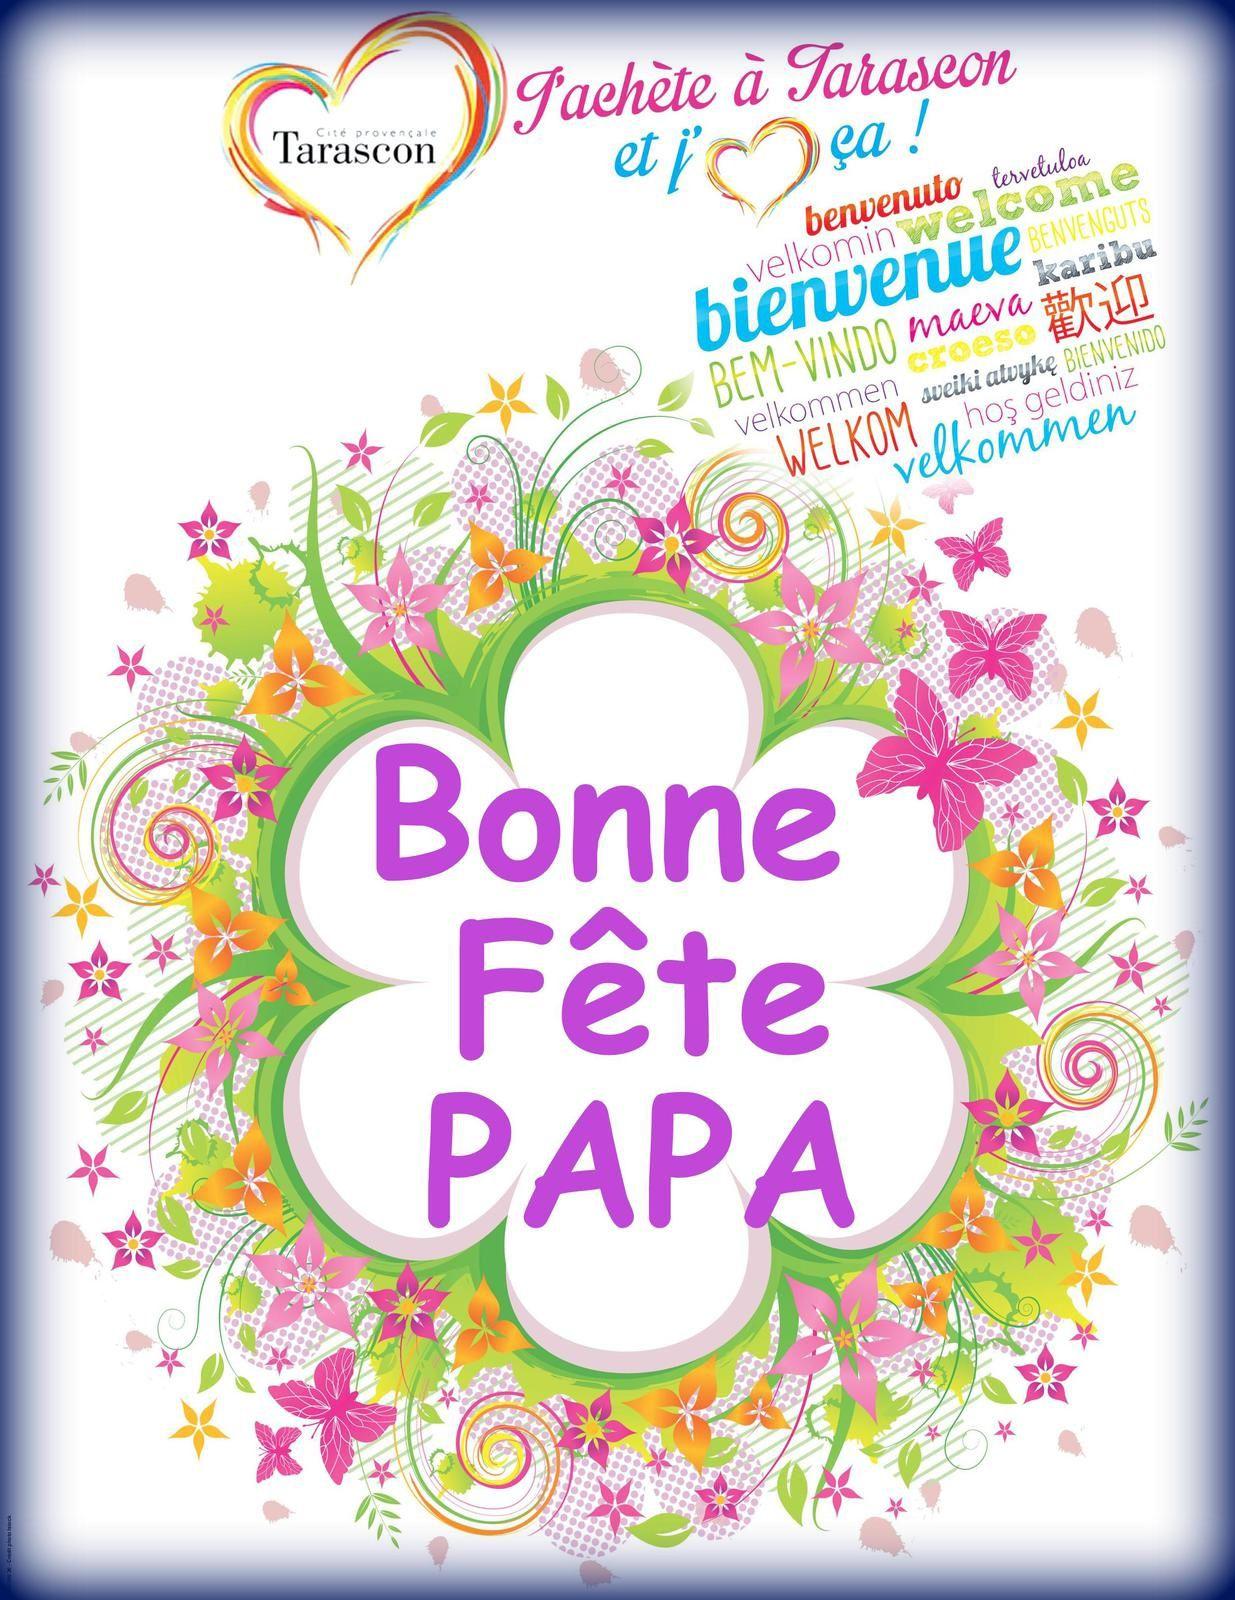 Bonne Fête Papa avec vos commerçants & artisans de l'A.C.A.T.